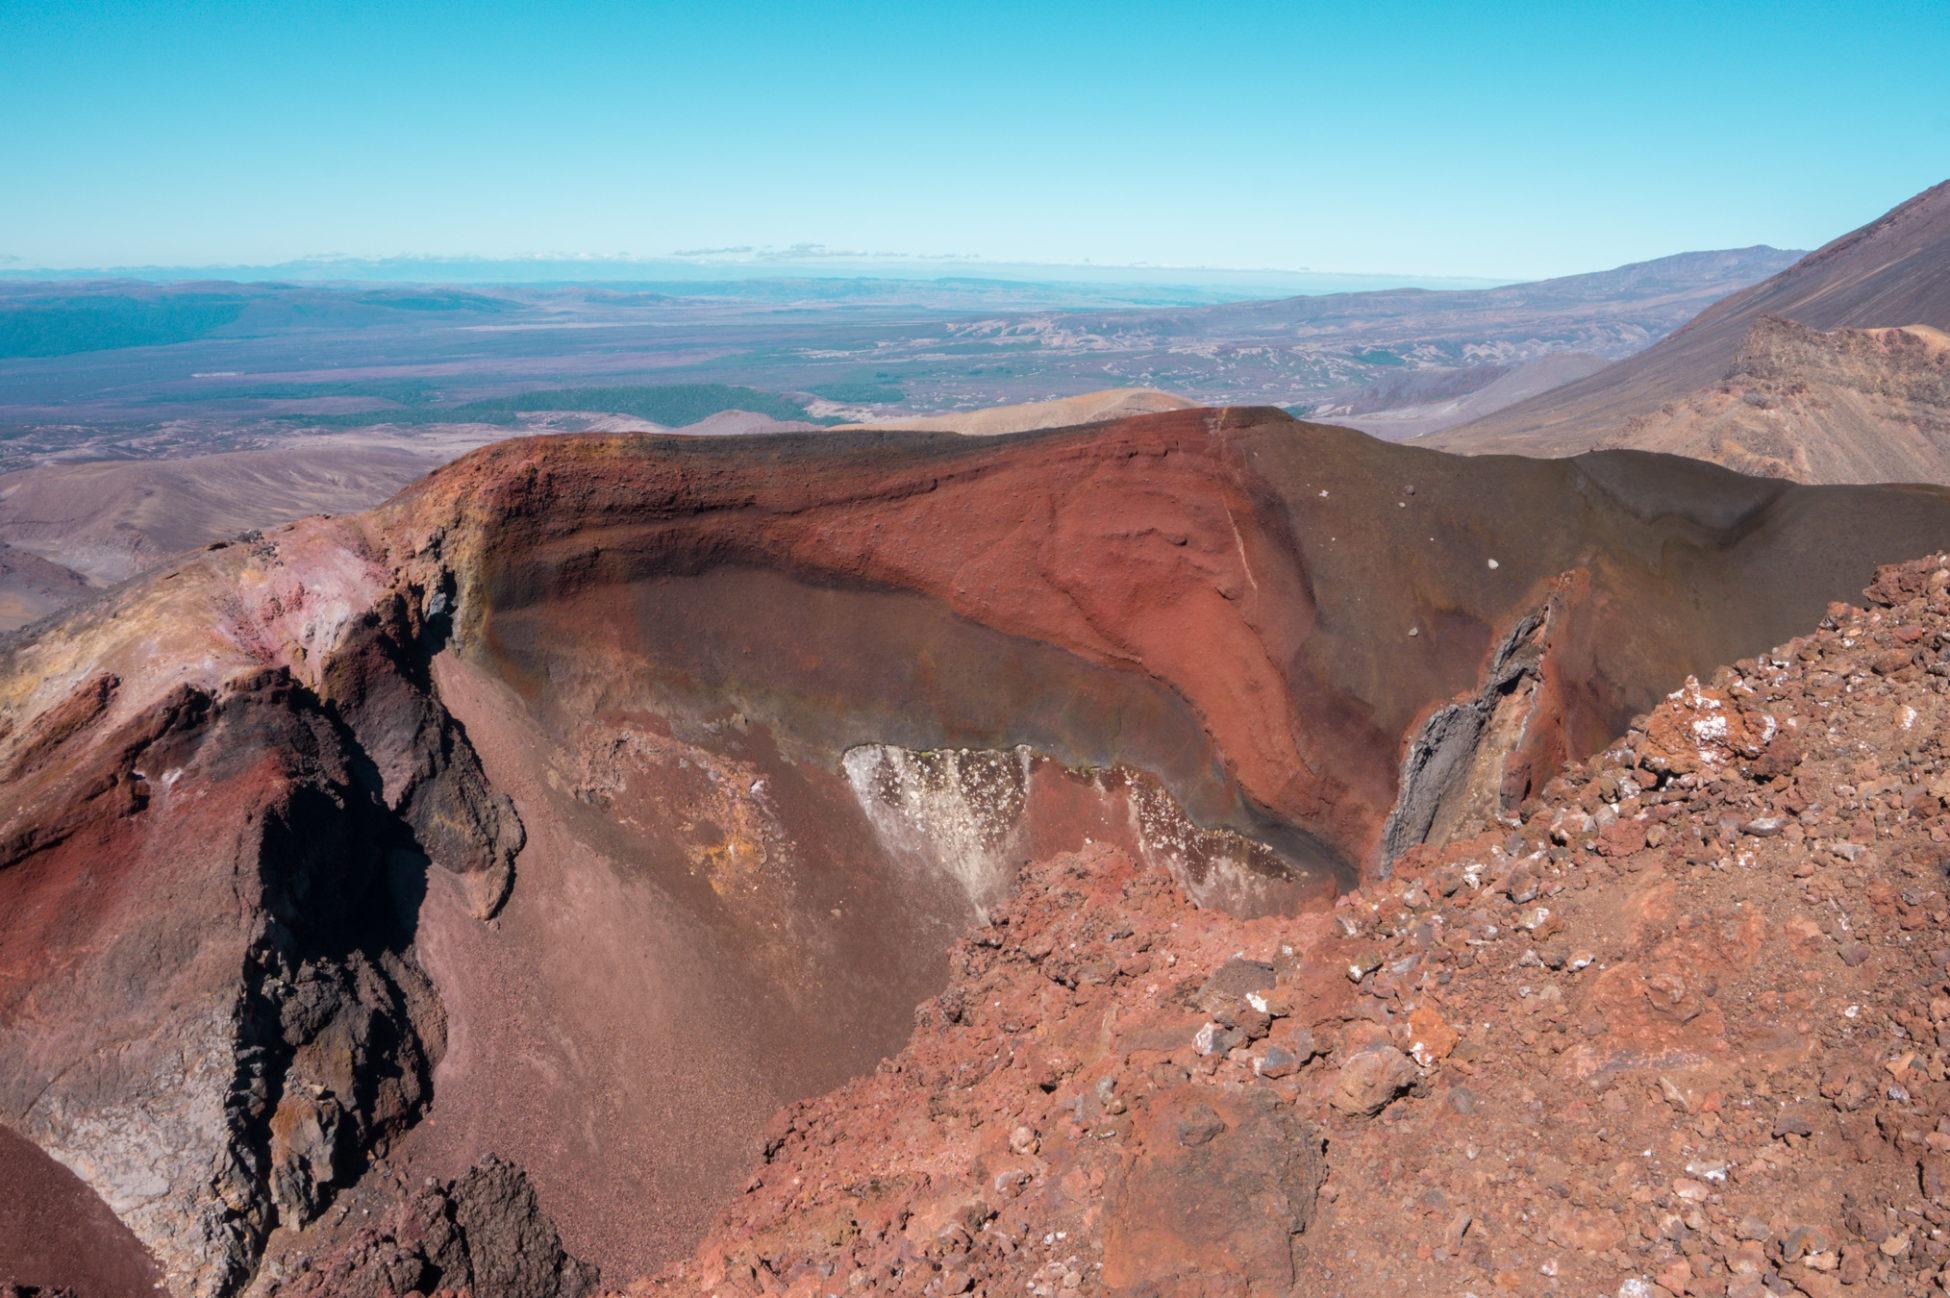 tongariro-alpine-crossing-randonnee-trek-nouvelle-zelande-cratere-rouge